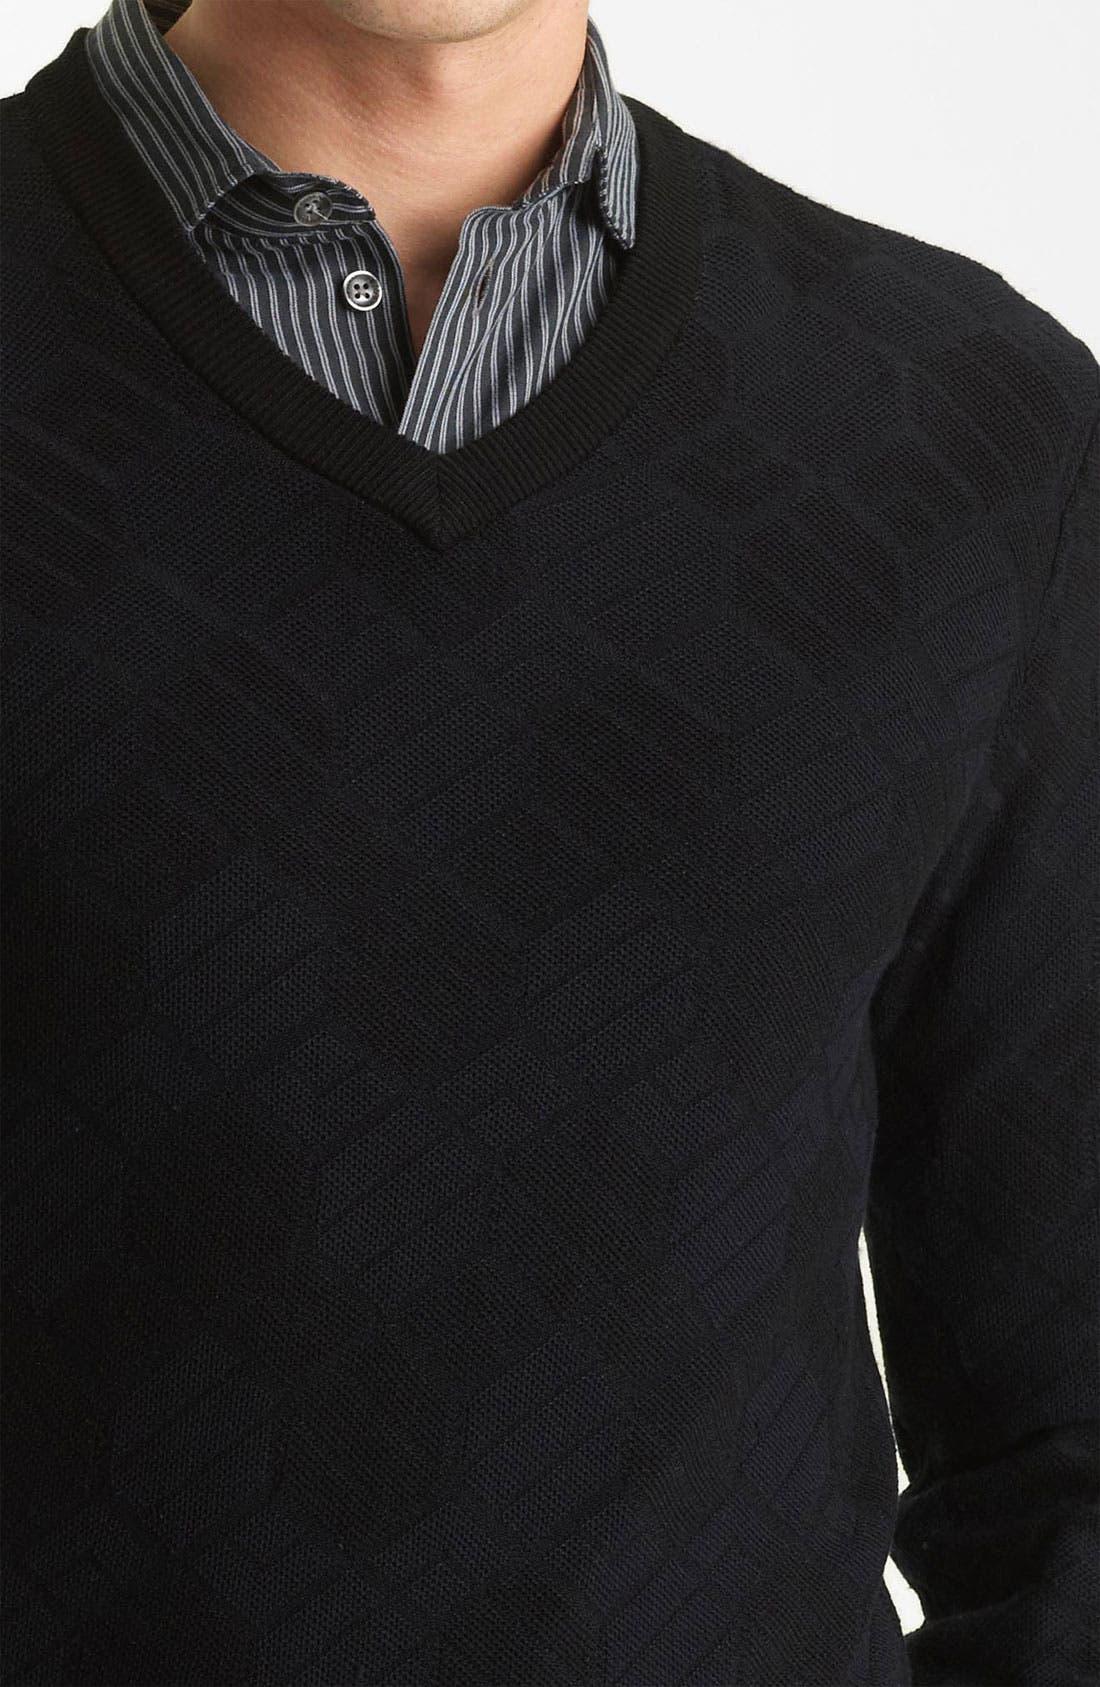 Alternate Image 3  - Armani Collezioni V-Neck Knit Sweater